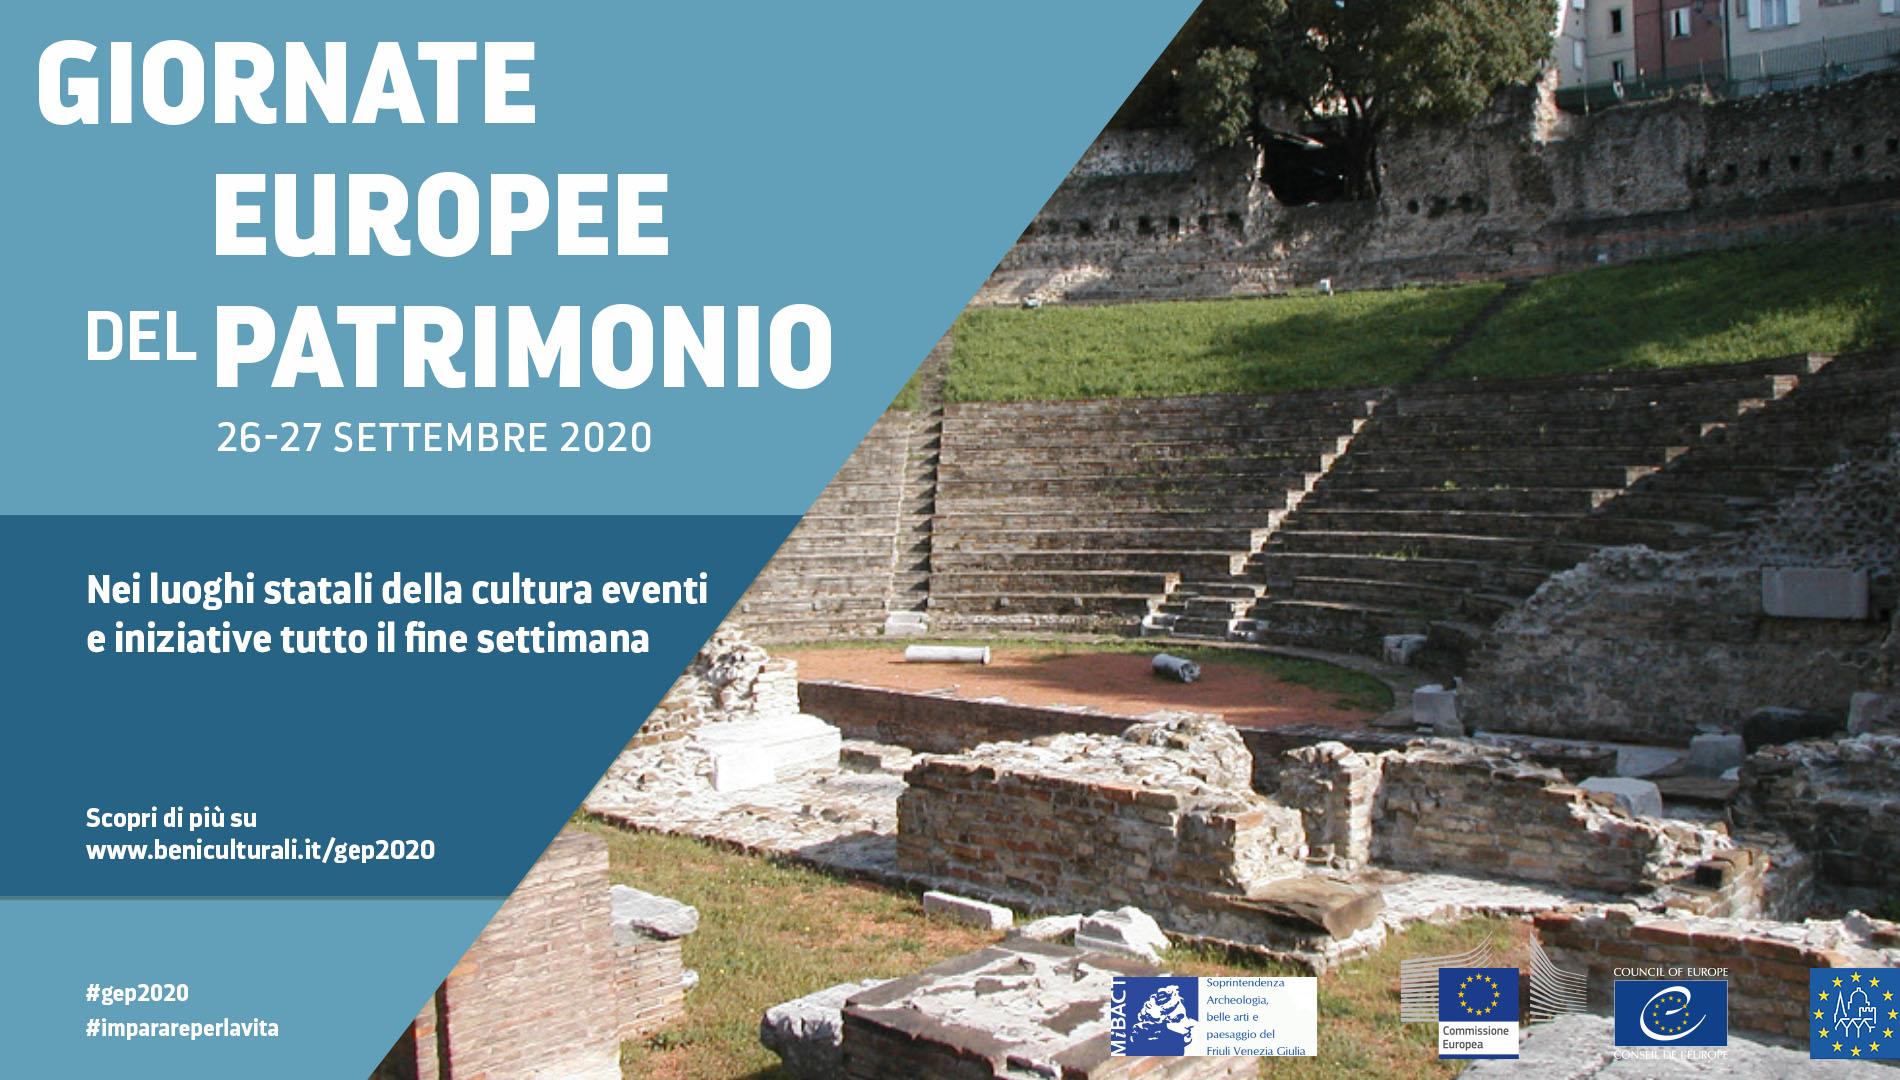 Teatro romano - Ludi gladiatori, storia e tecnica.